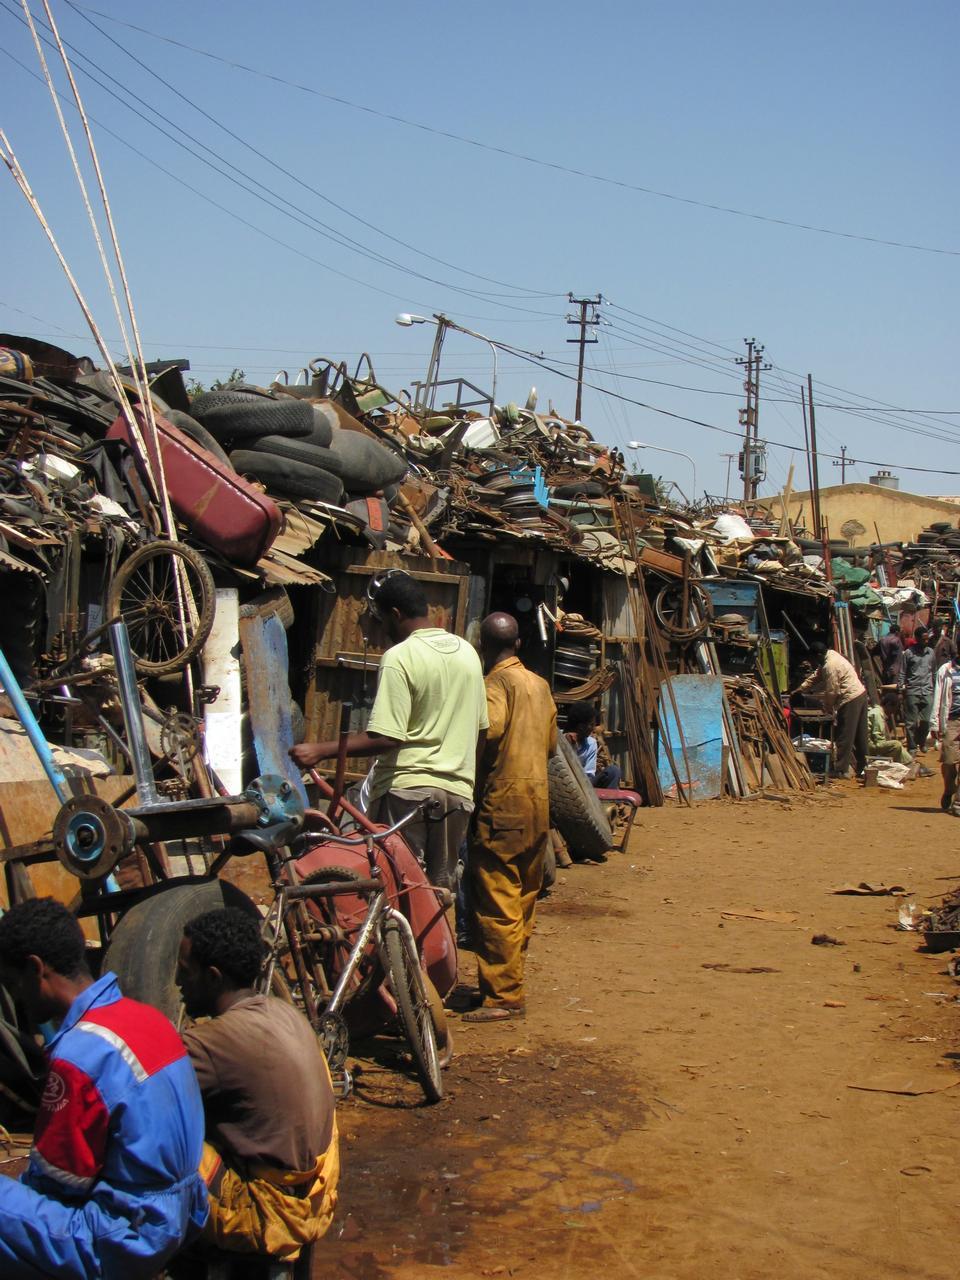 回收市场,阿斯马拉埃塞俄比亚